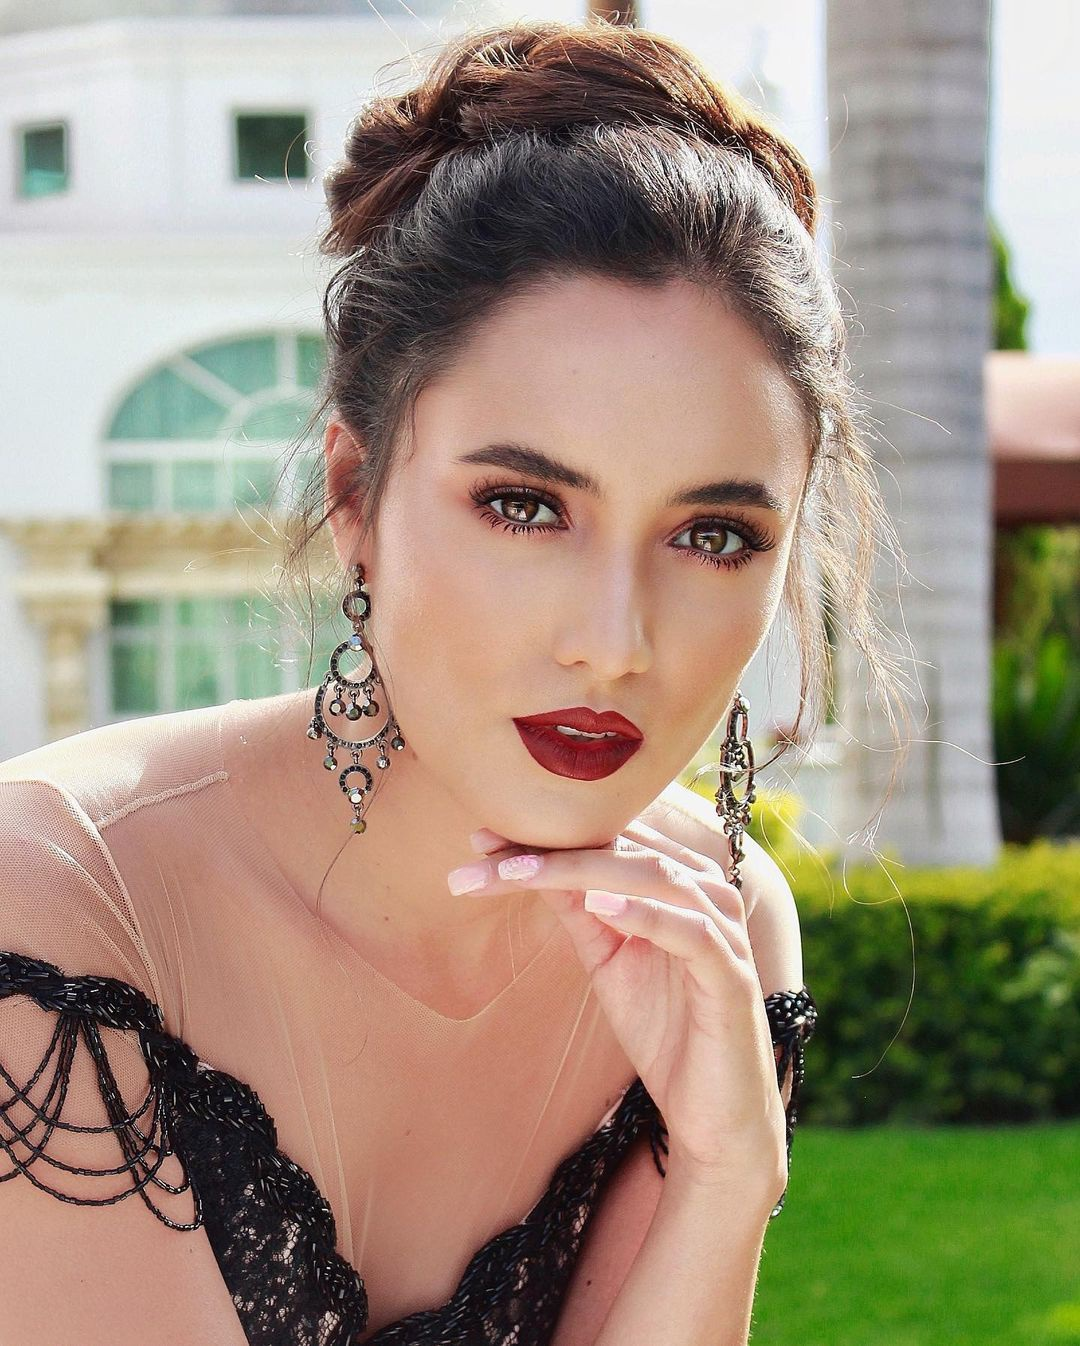 Tân Hoa hậu Mexico: Dáng vóc nóng bỏng, thông thạo 4 thứ tiếng - 8